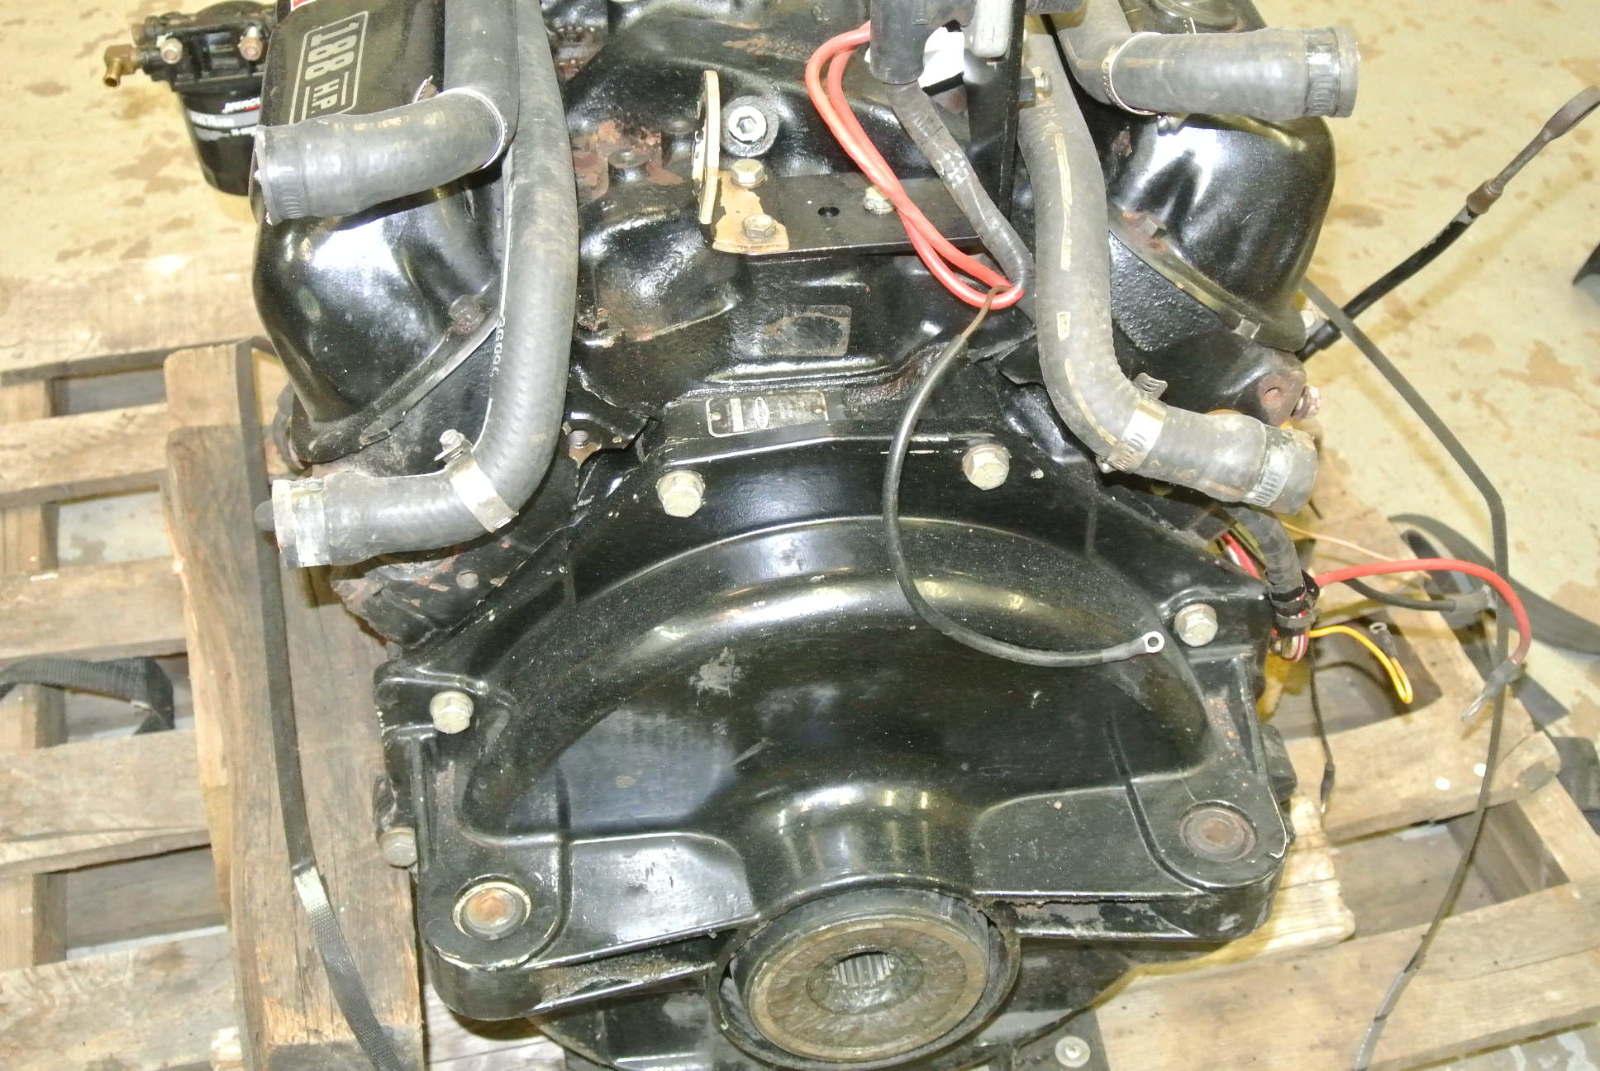 coil wiring diagram 1974 mercruiser 888 302 mercruiser 5.0 engine v8 ford 302 motor 1977 888 188hp #4